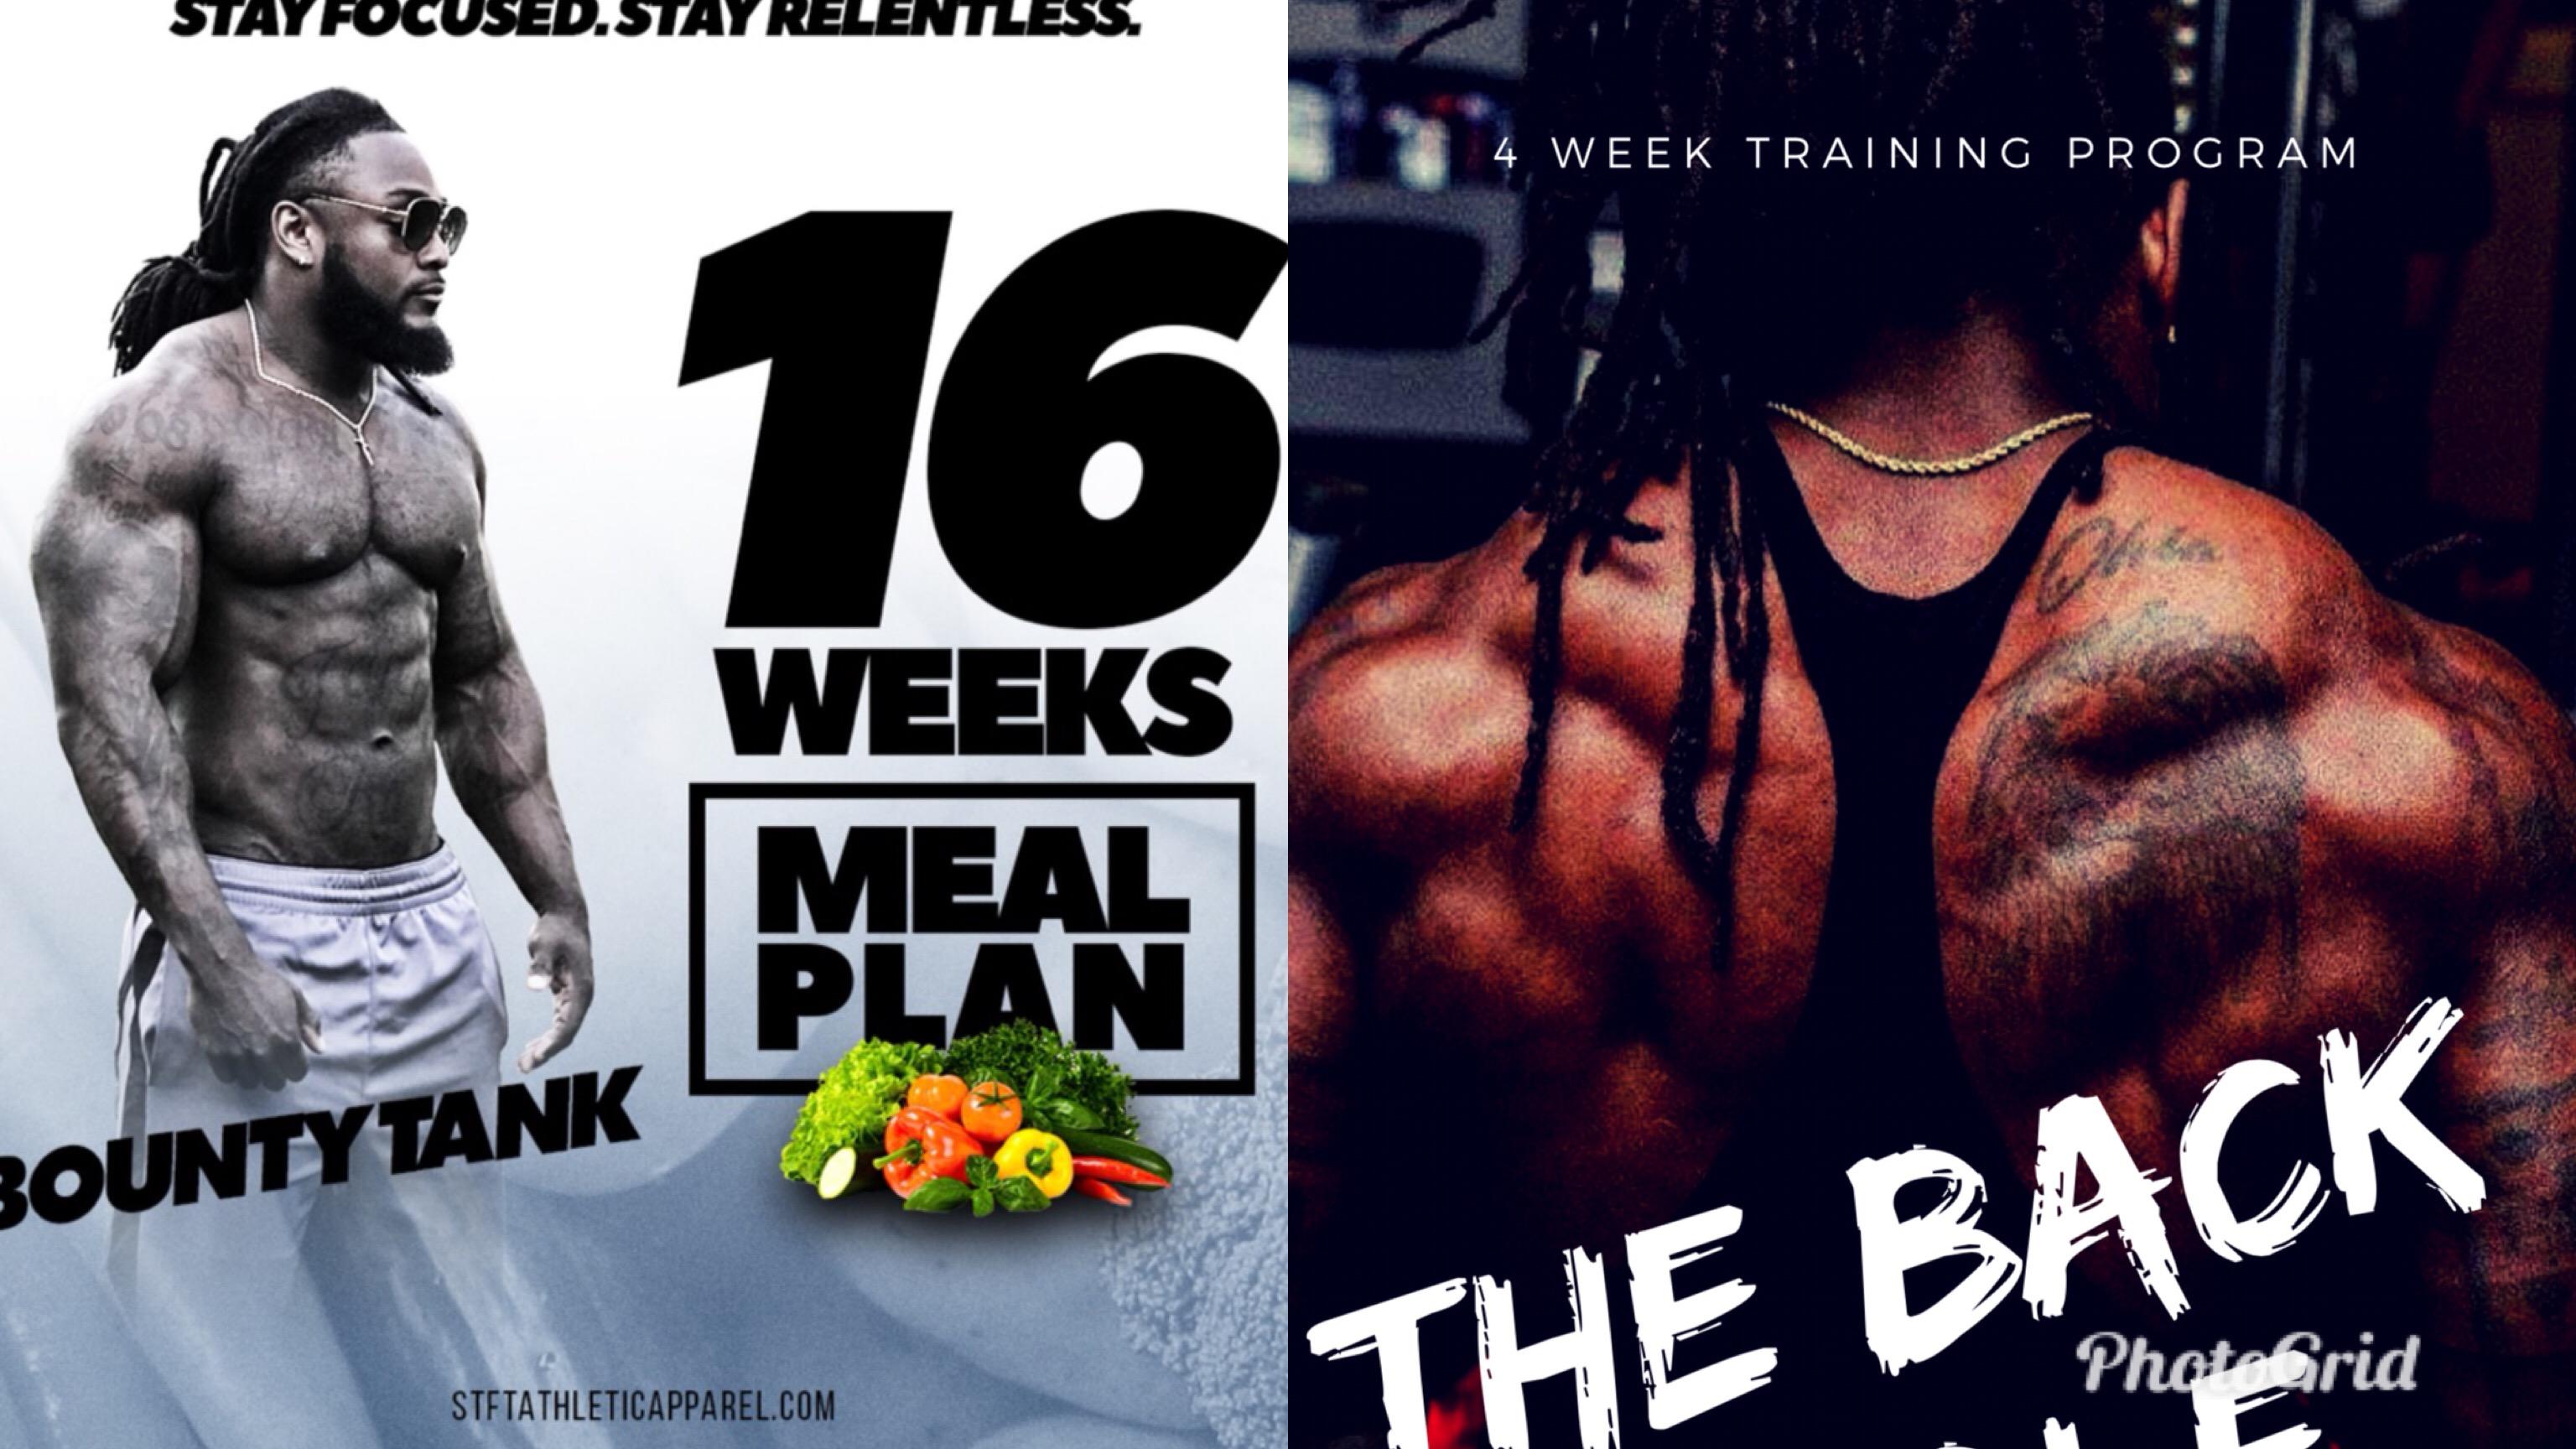 16 Week Meal Plan and 4 week Back ebook